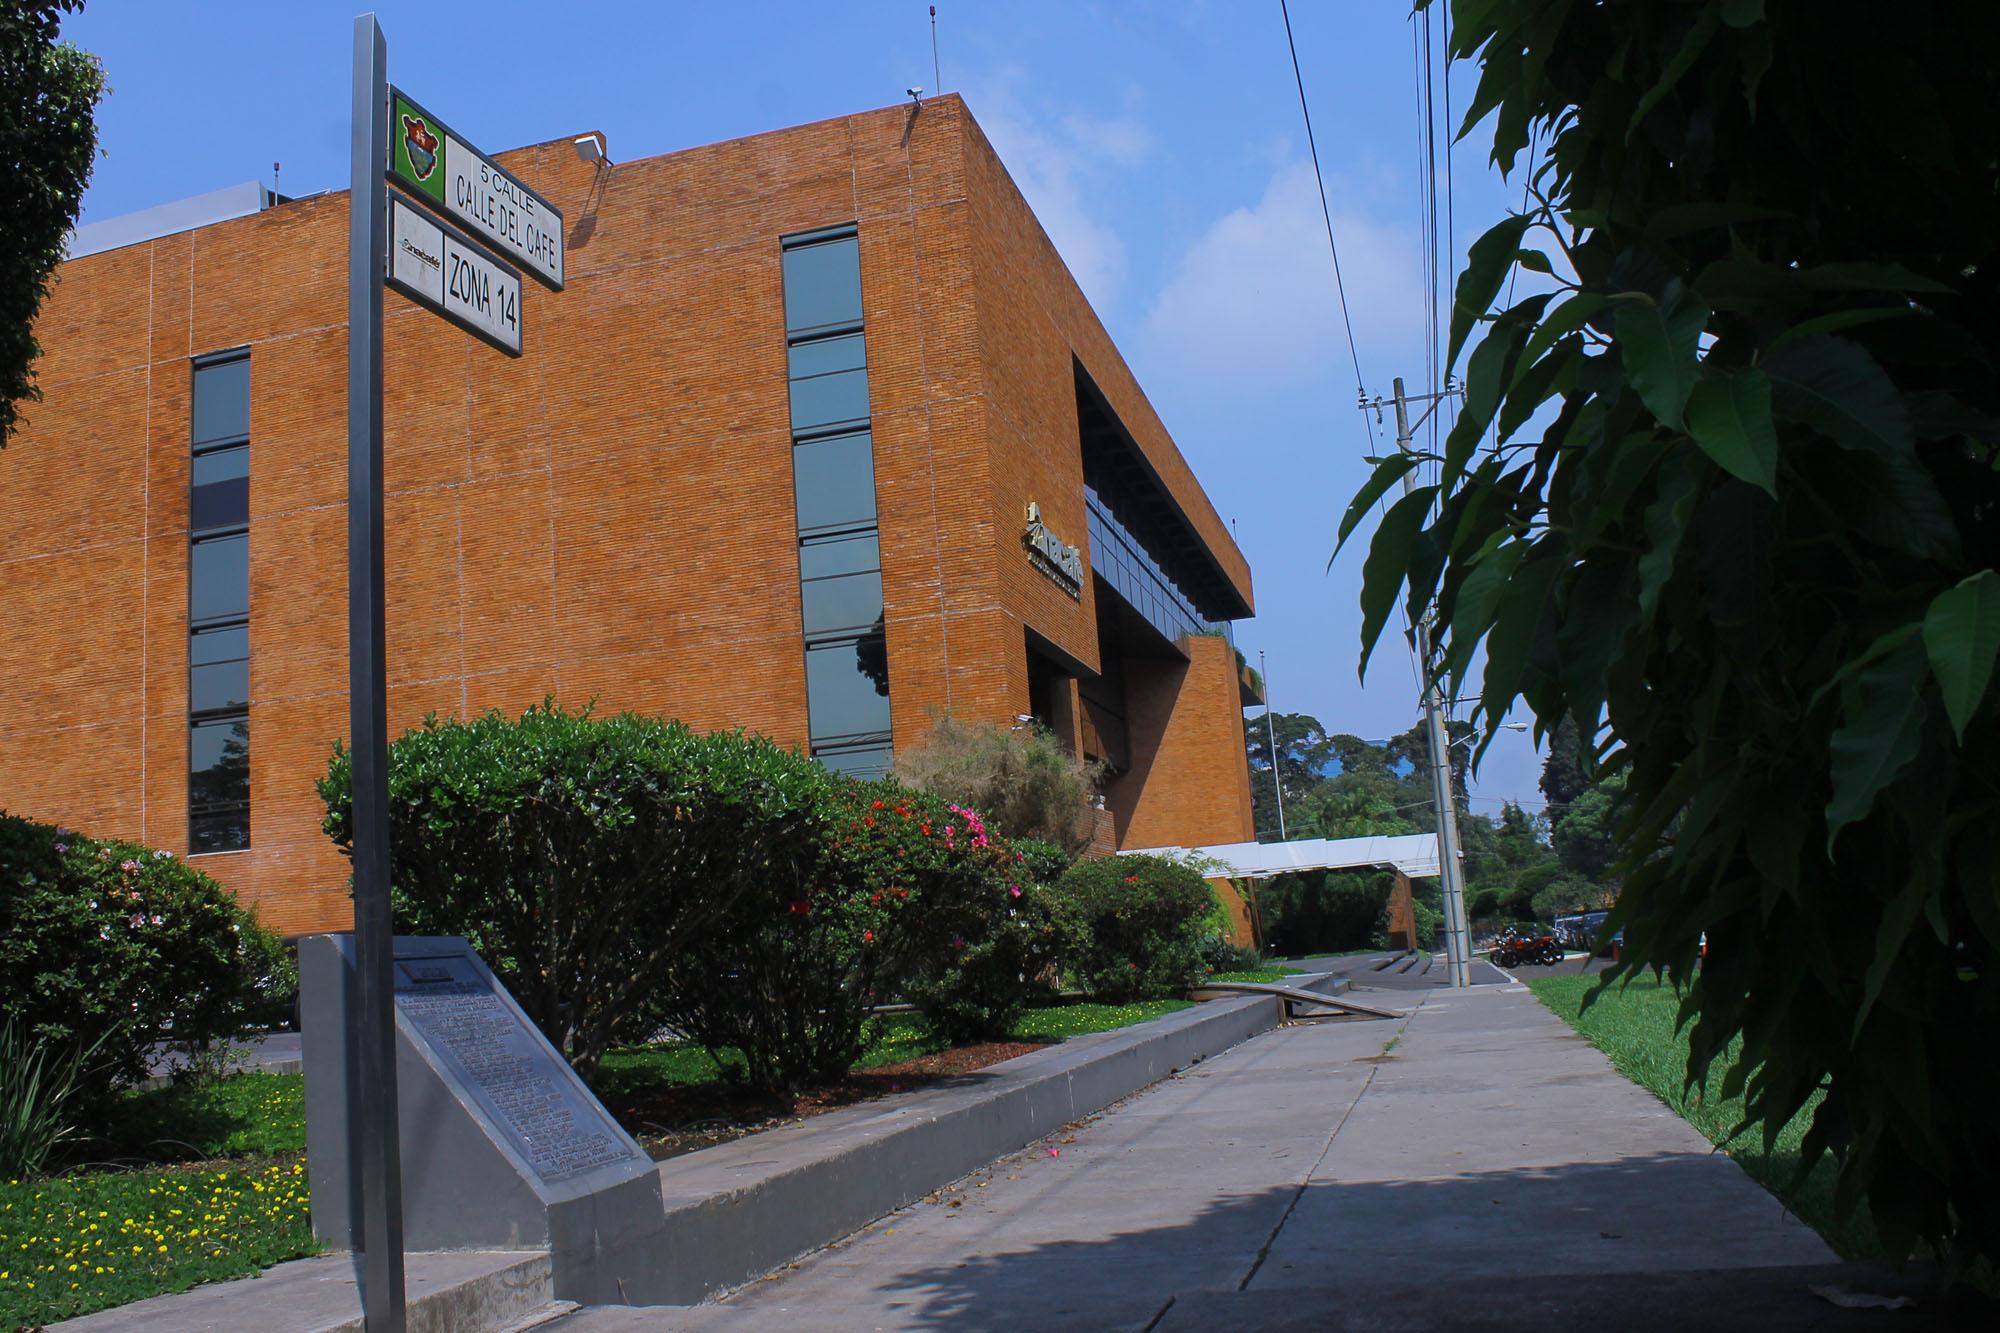 La sede de Anacafé está ubicada en la Calle del Café, en la zona 14. Foto de Aída Noriega